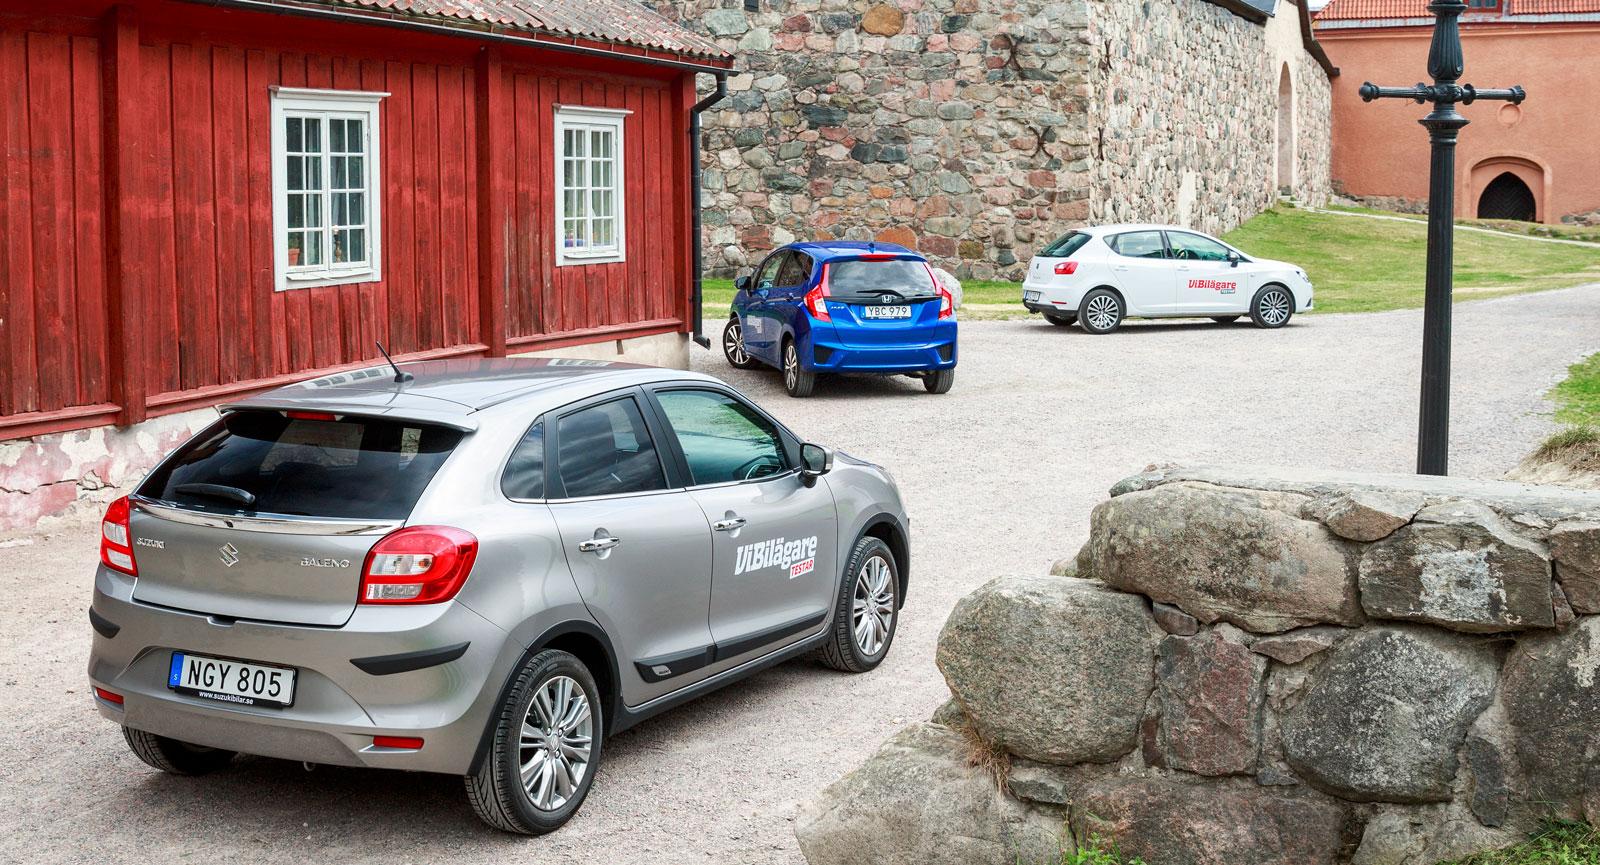 På gästabud vid Nyköpingshus med anor från 1100-talet.  Ibiza är från 2008 – äldst av testbilarna. Baleno är helt ny medan Jazz är en fjolårsnyhet.